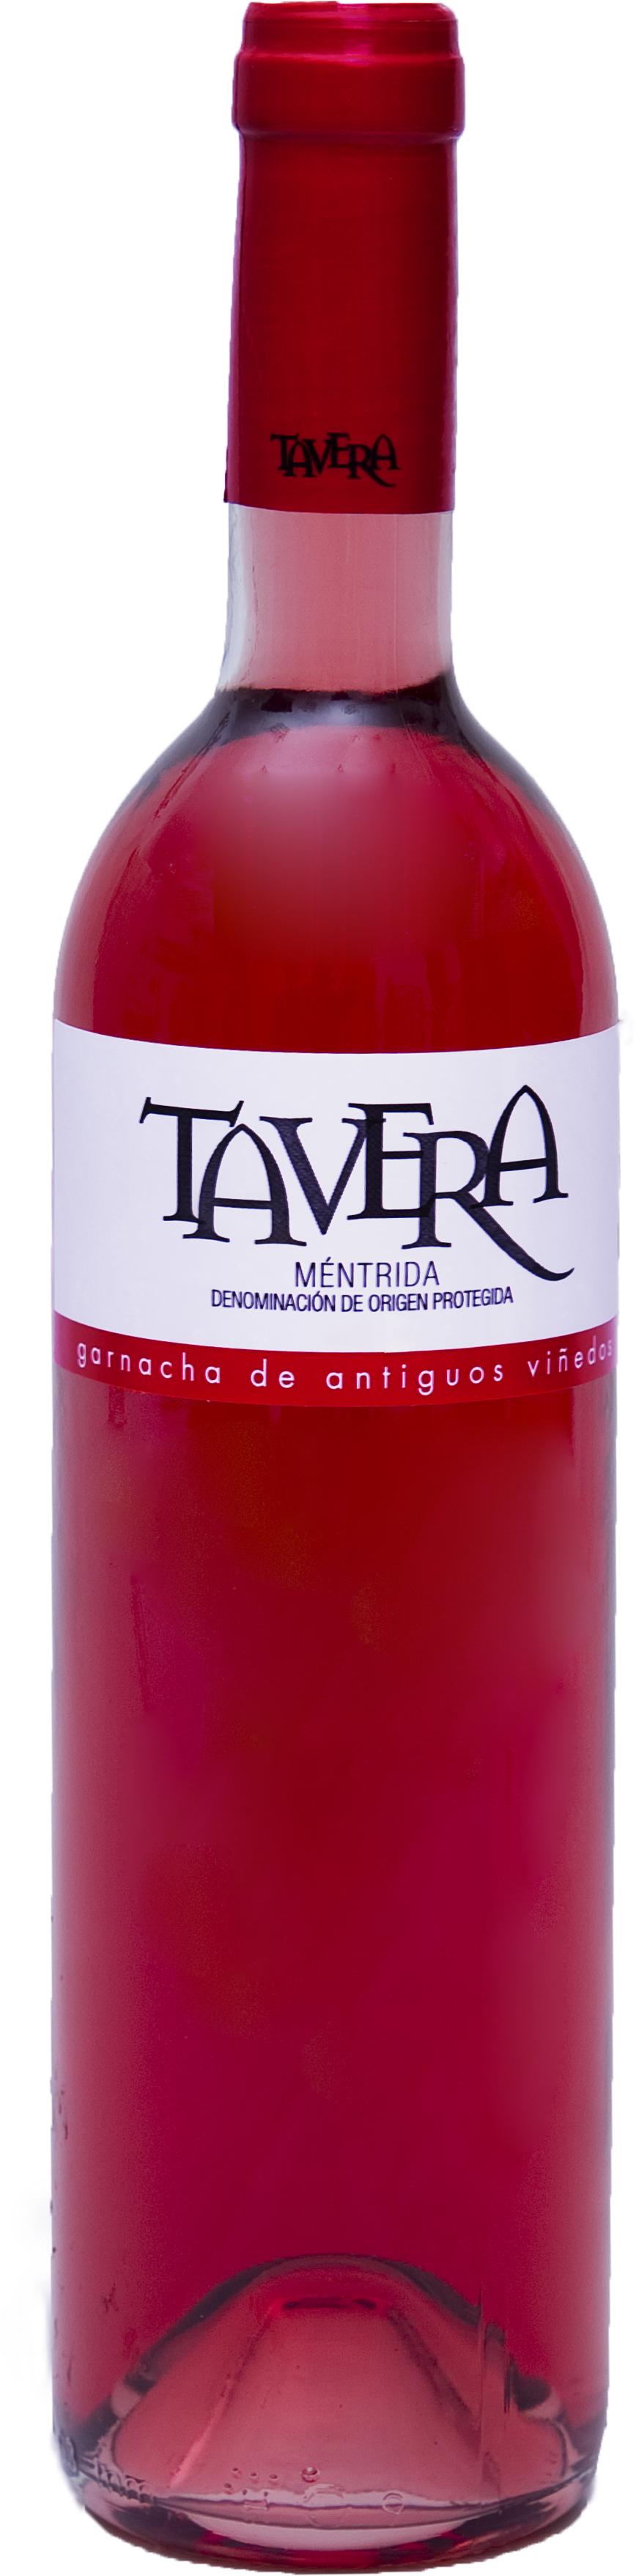 Tavera Rosado 2013 Wine